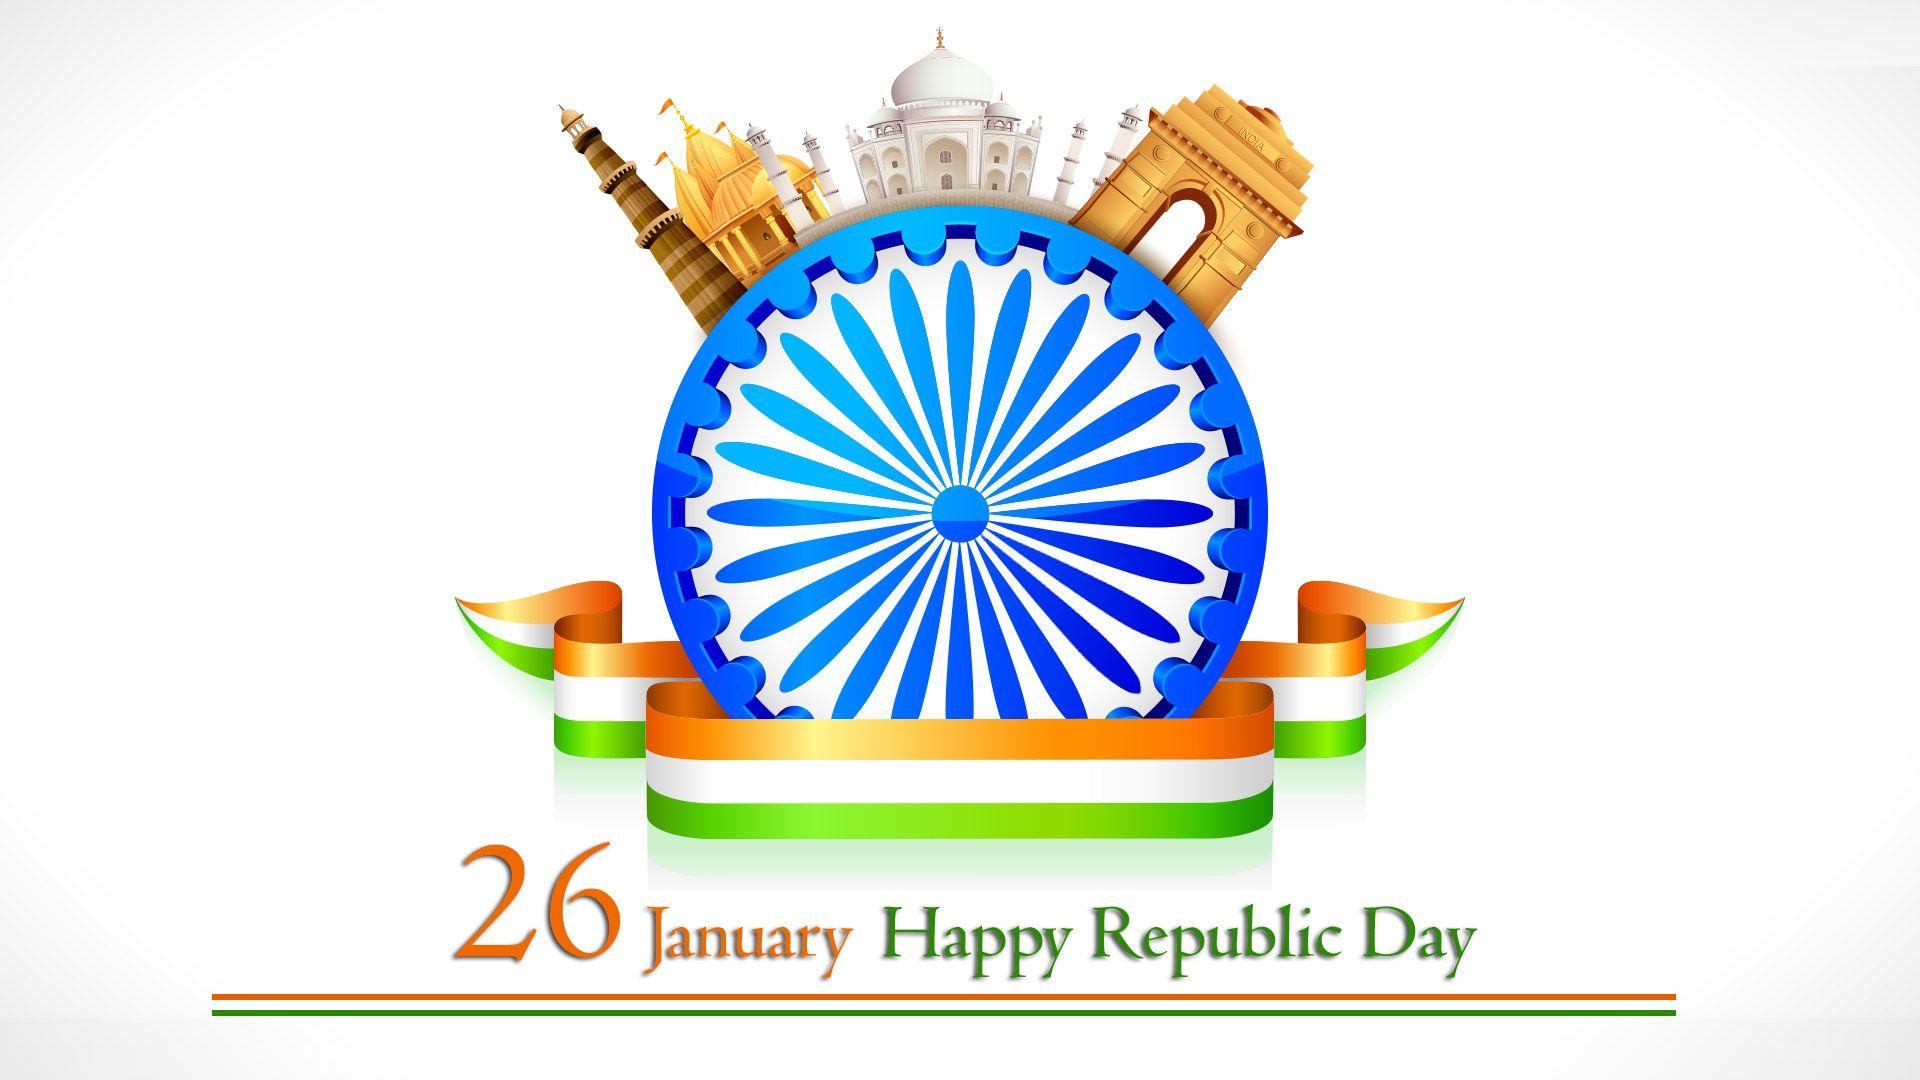 Republic Day Hd Wallpaper In 1080p Hd Wallpapers Independence Day Wallpaper Independence Day India 15 August Independence Day Happy republic day images hd 2021